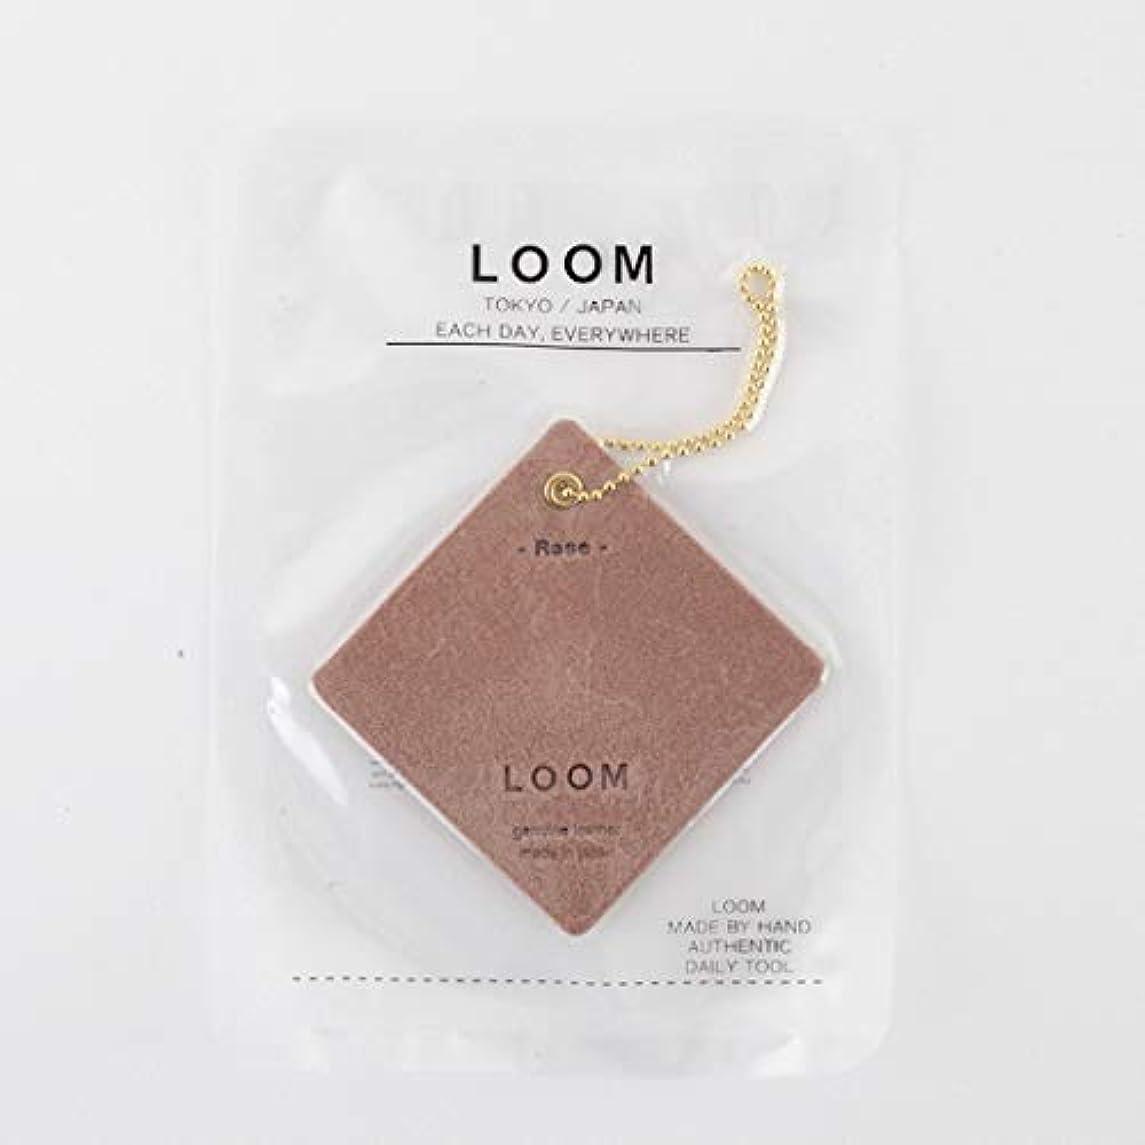 伝統露出度の高いやけど[LOOM] フレグランスレザータグ (エアフレッシュナー) ROSE